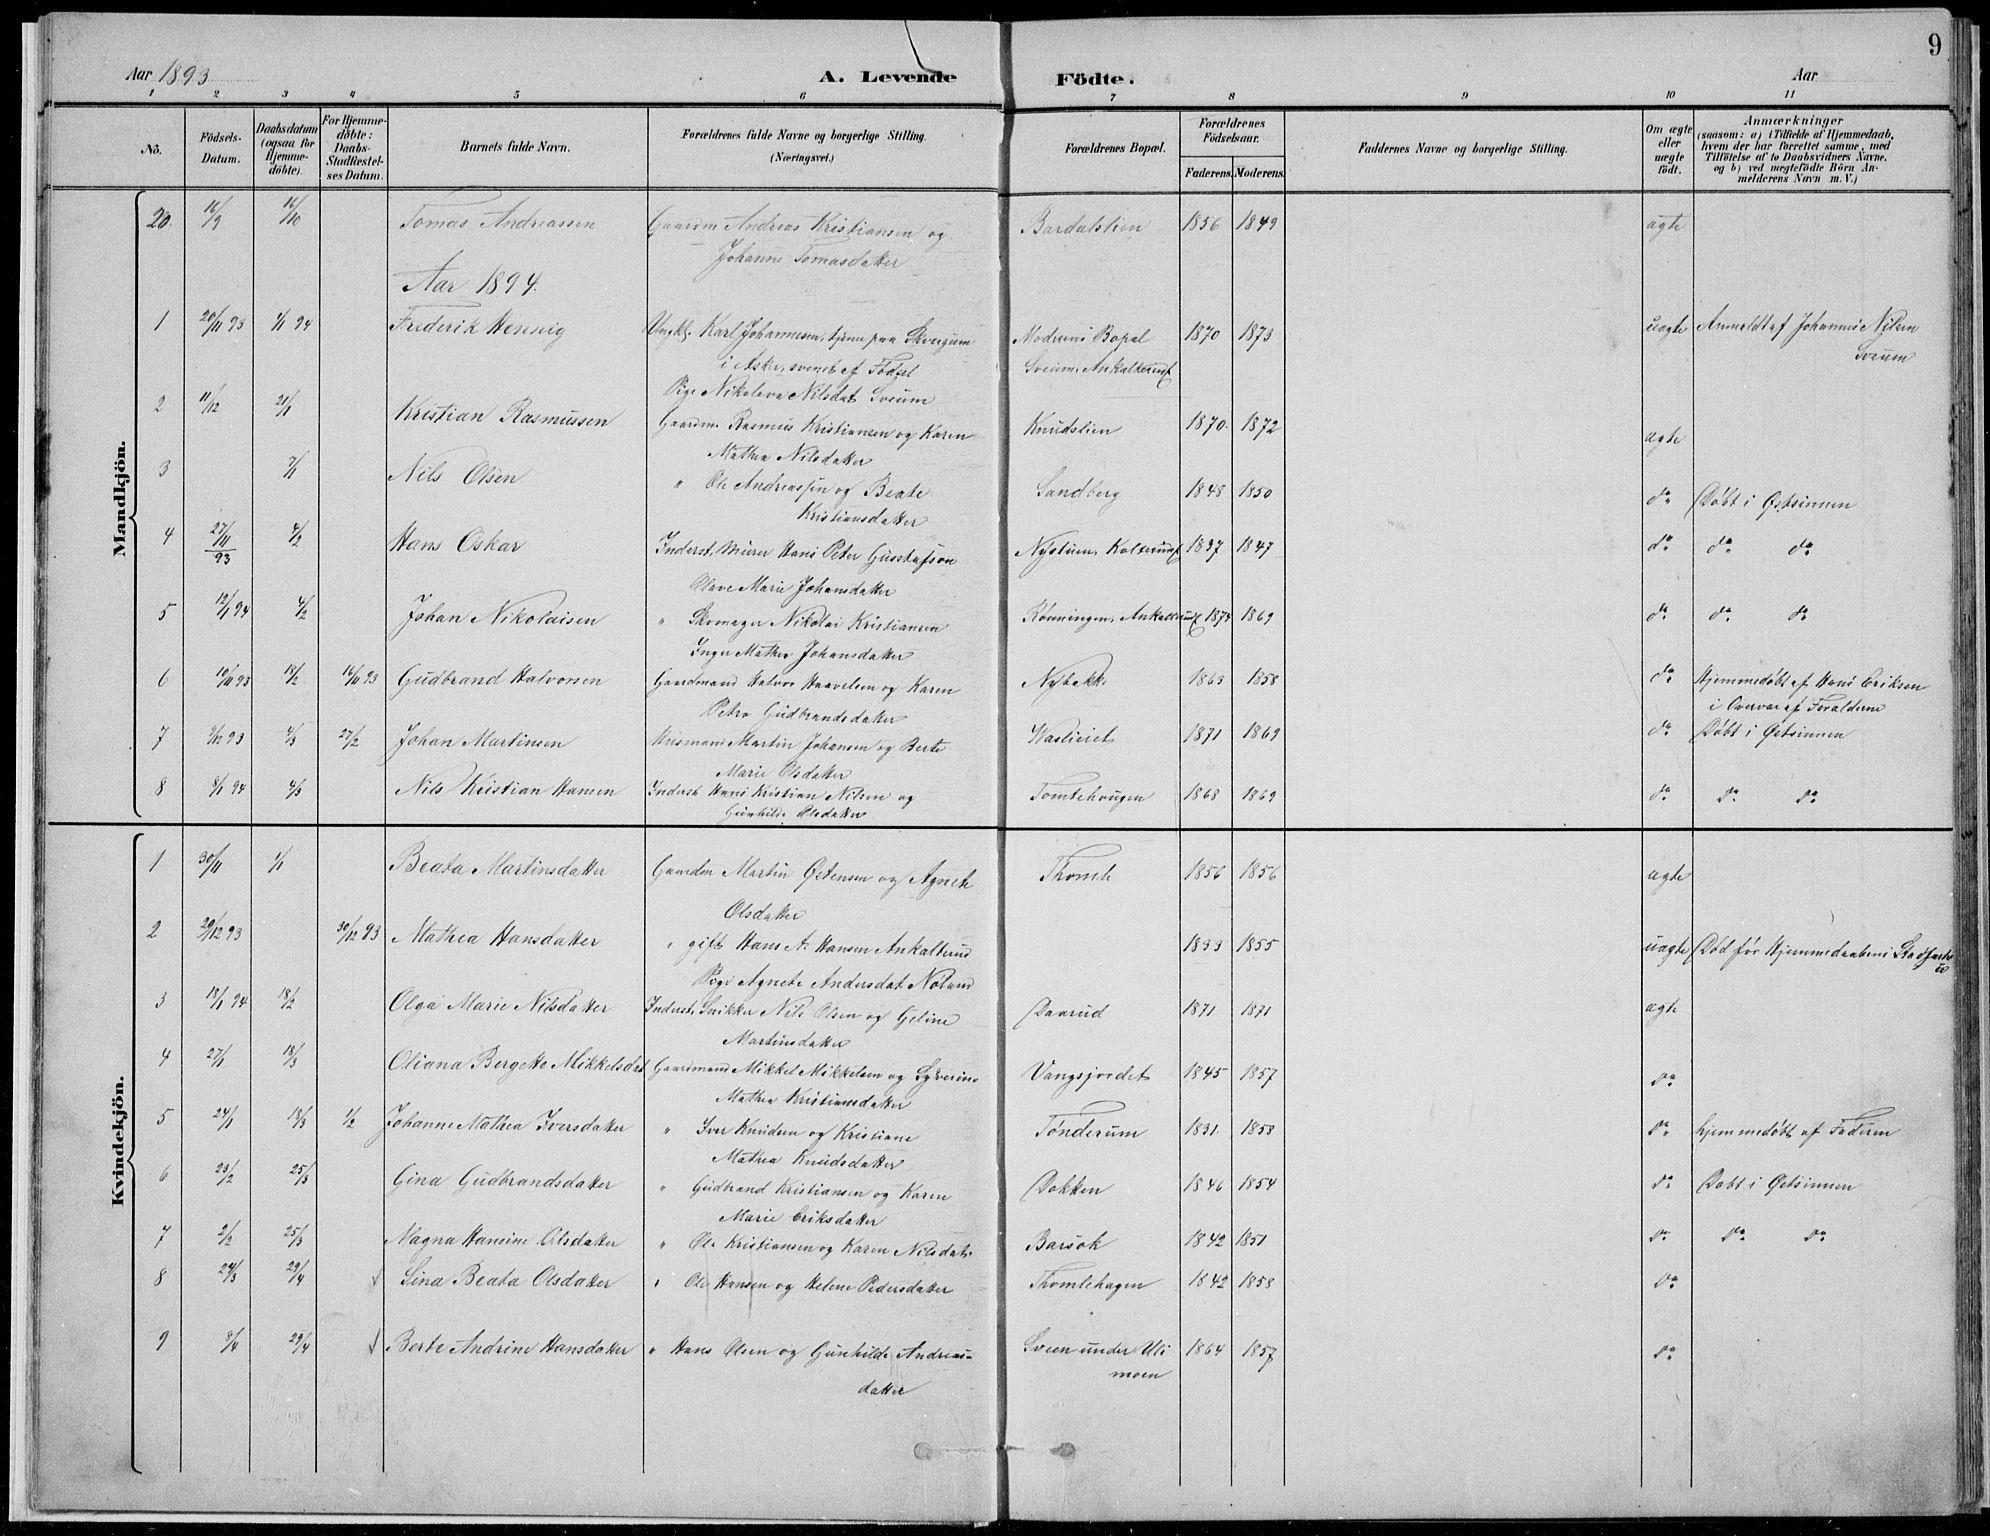 SAH, Nordre Land prestekontor, Klokkerbok nr. 13, 1891-1904, s. 9